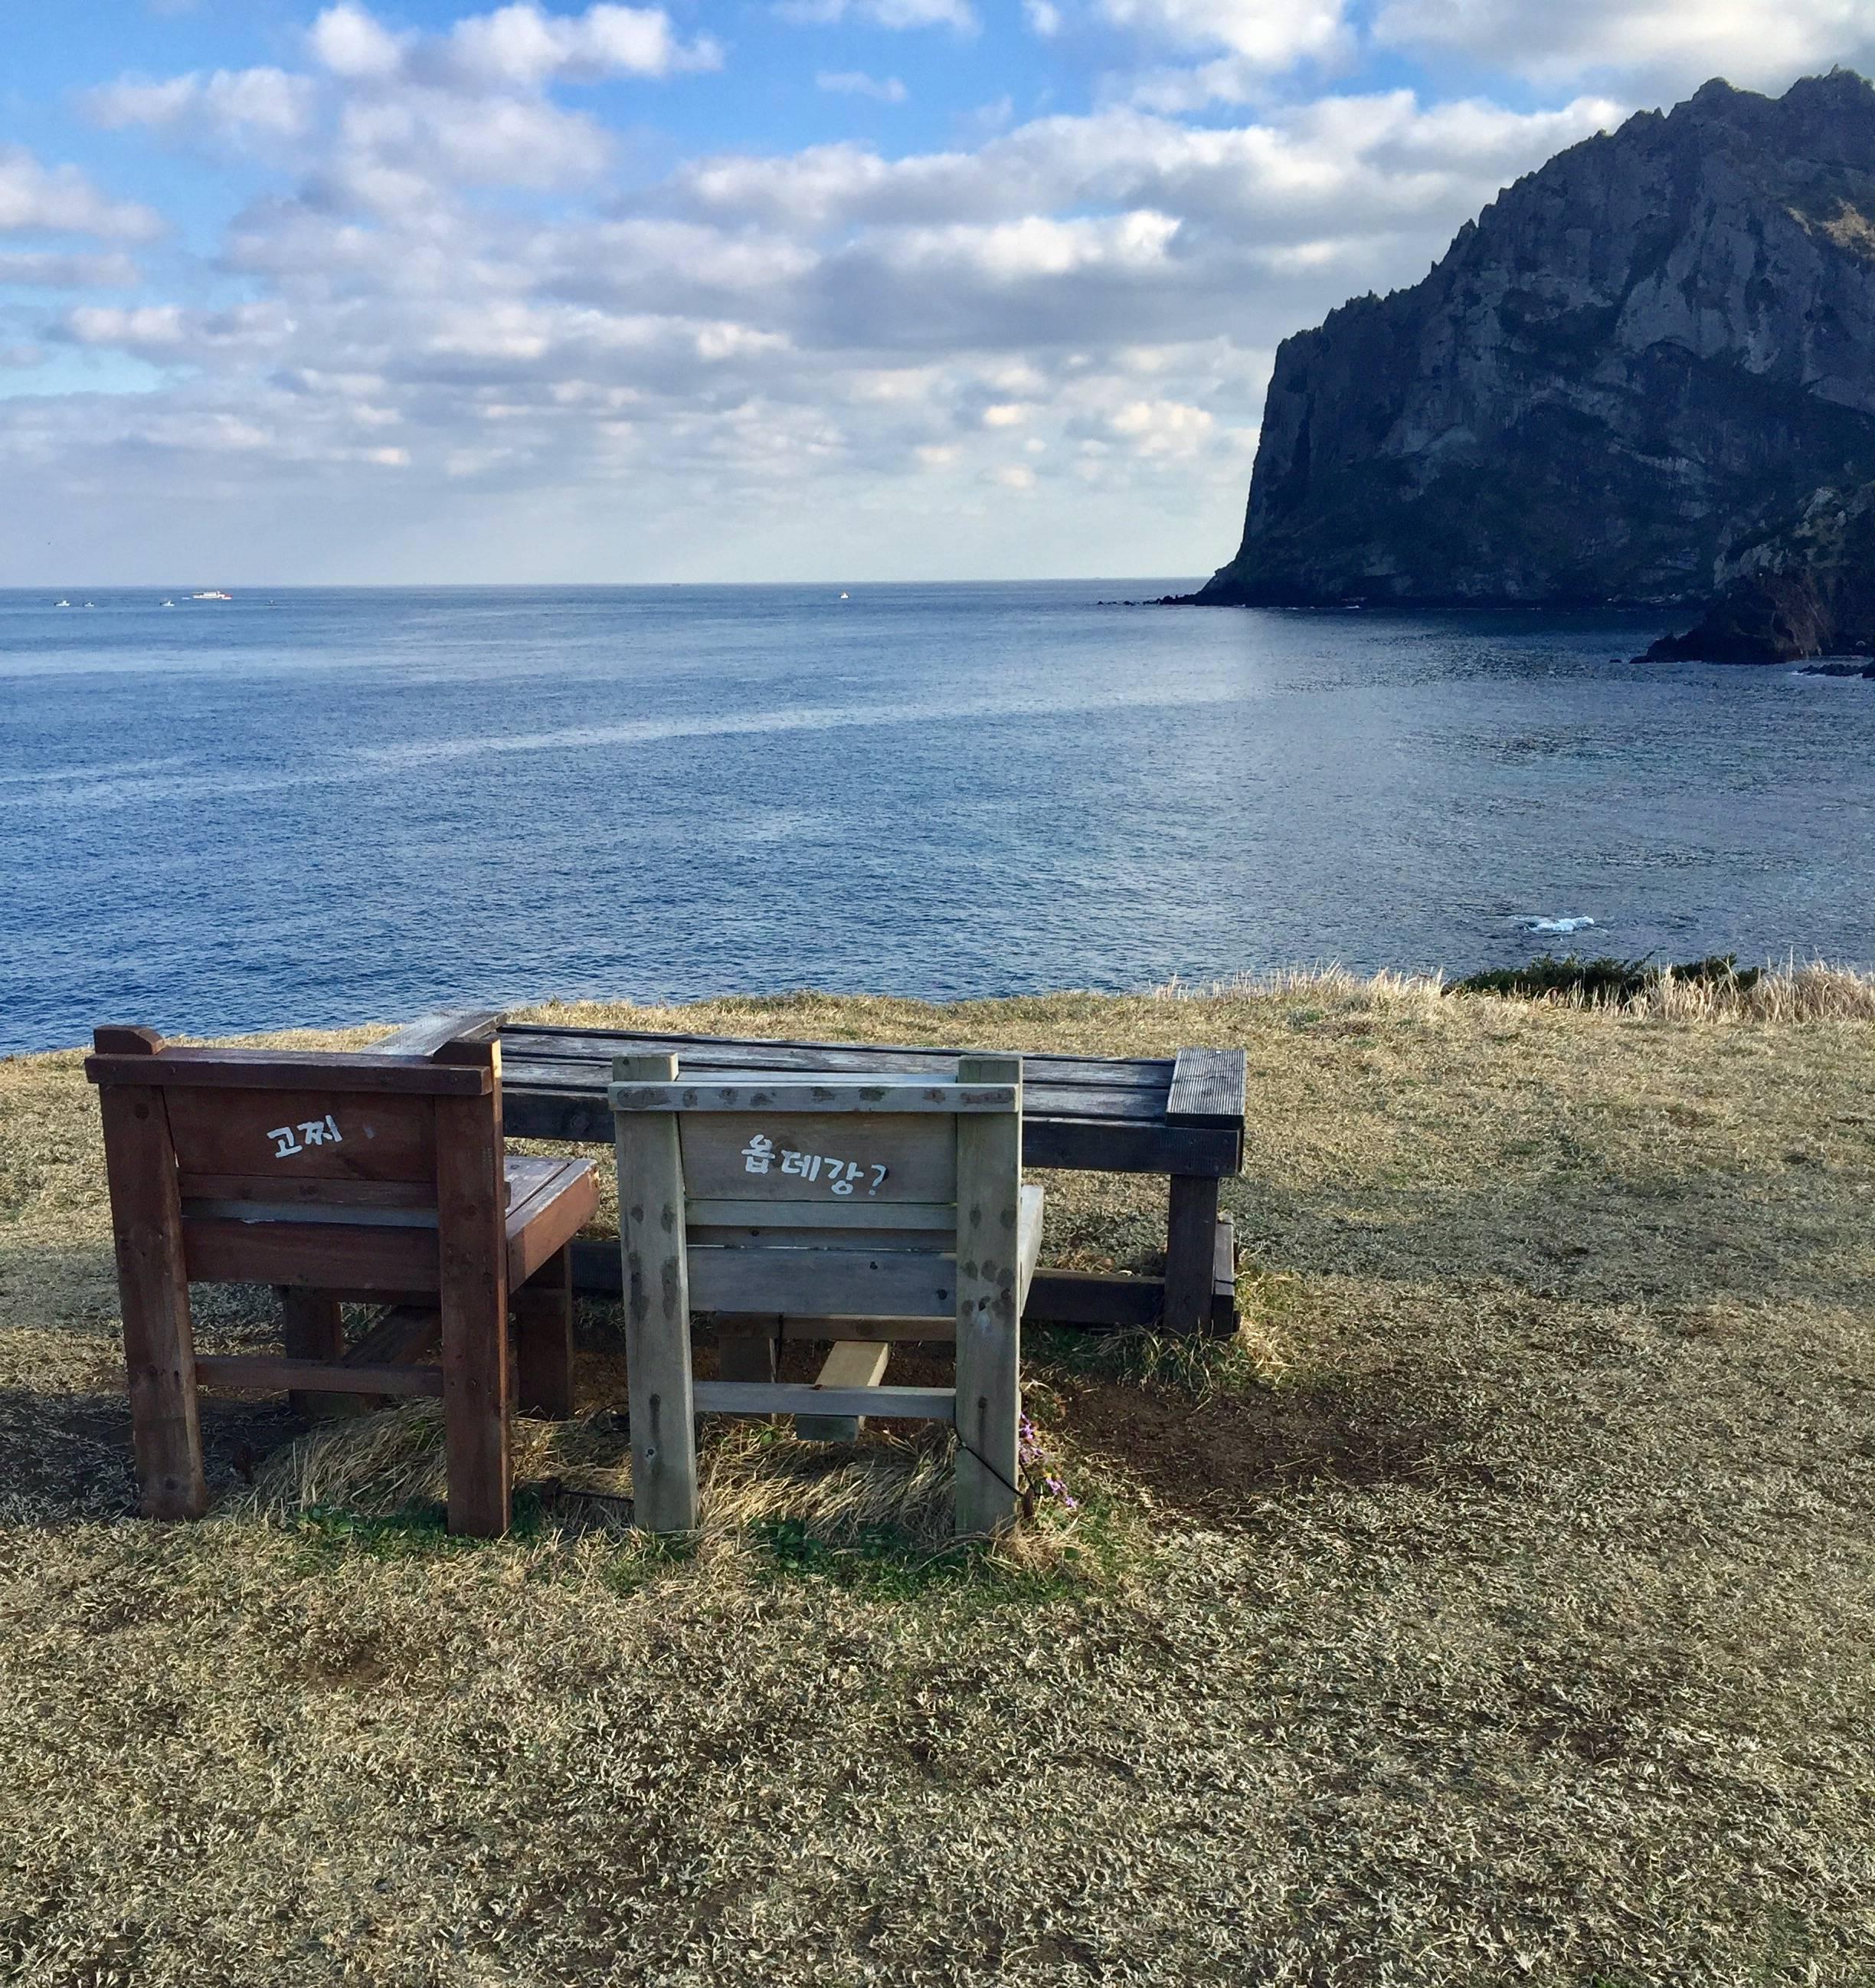 Photo 1: Jeju, l'ile des sirénes